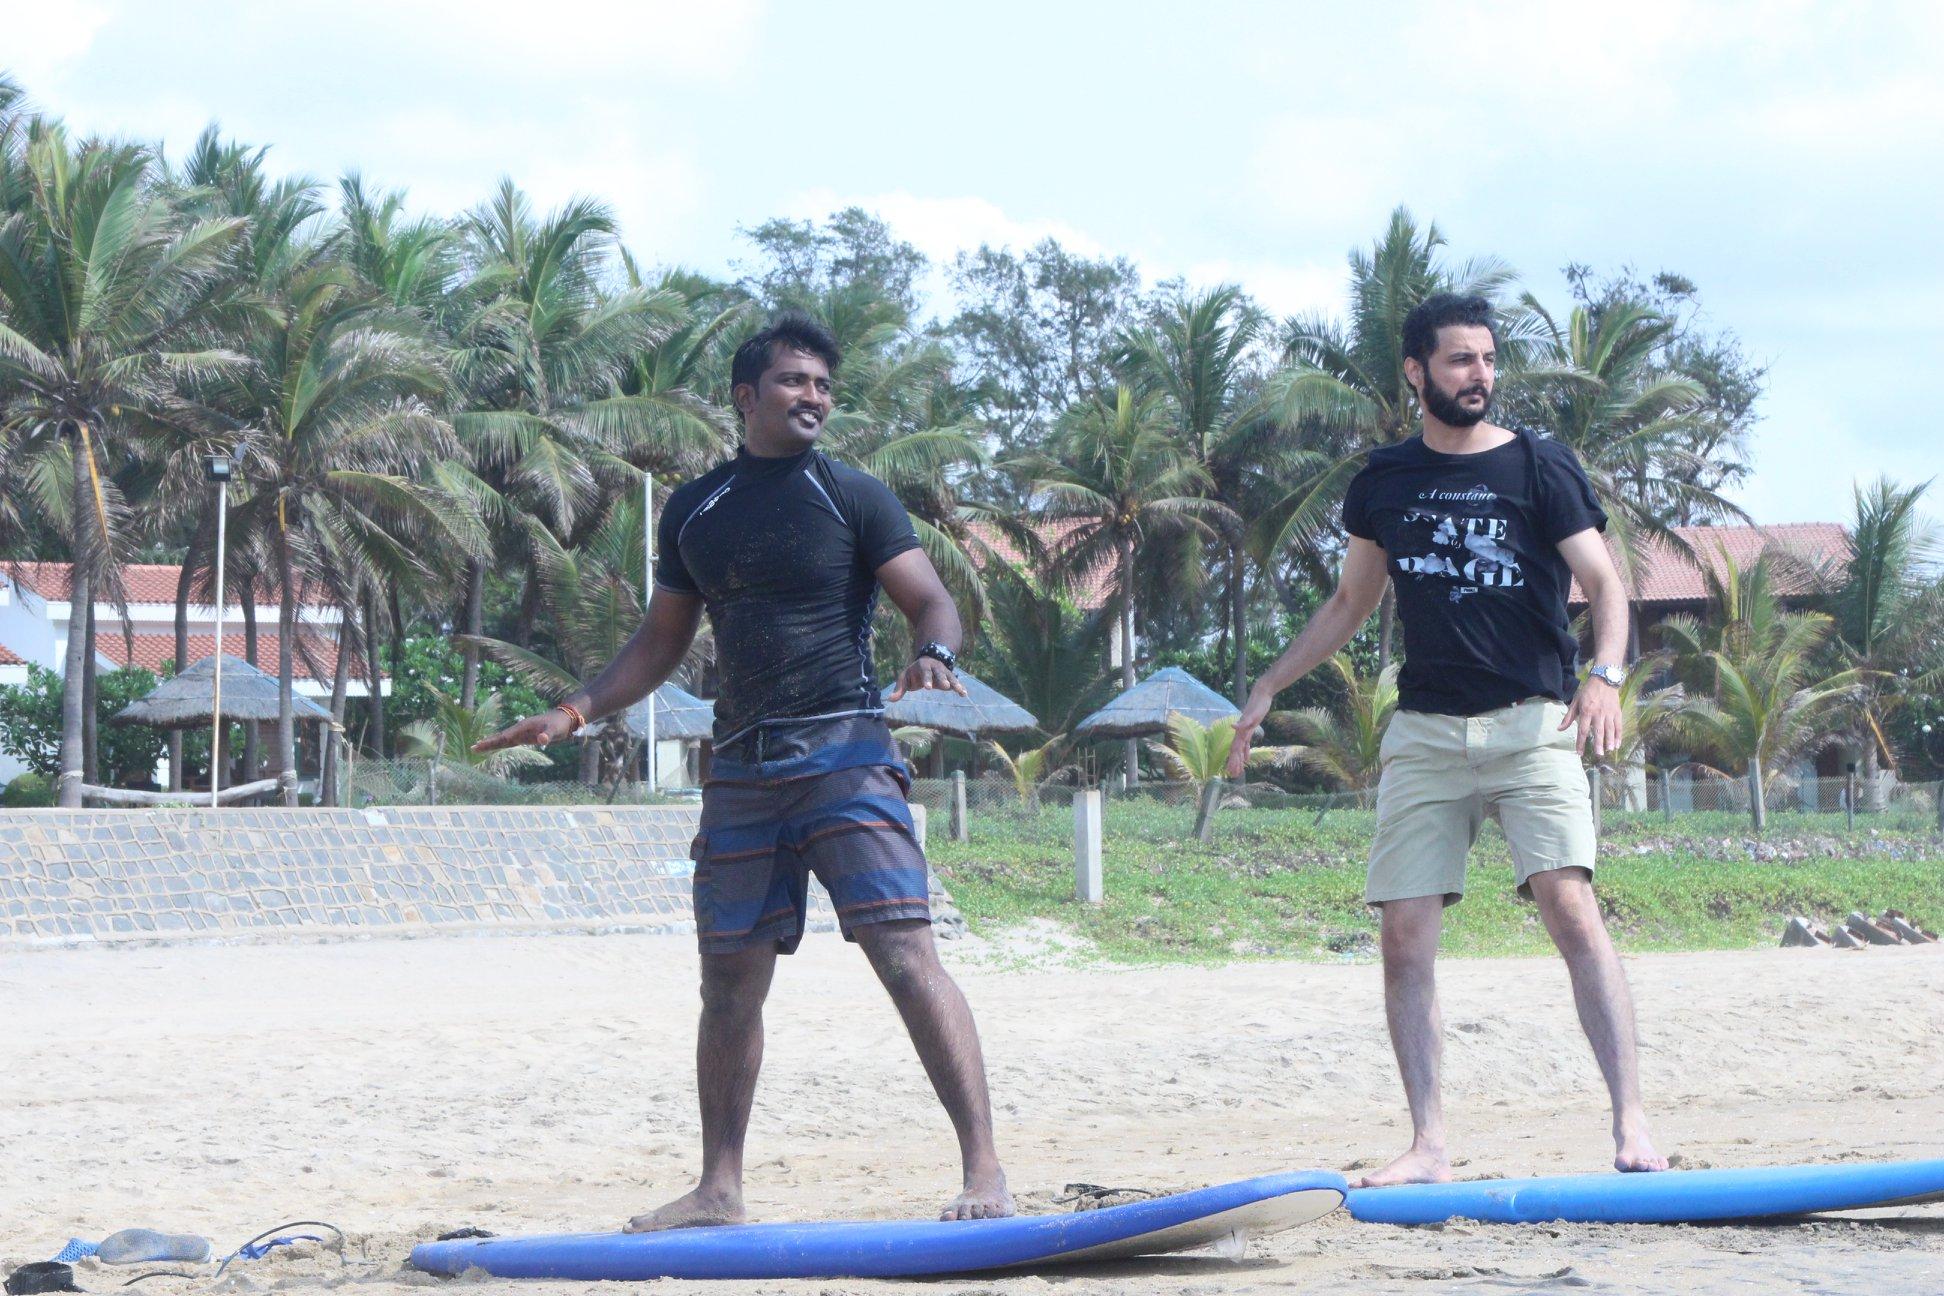 Basic Surfing Lessons in Mahabalipuram